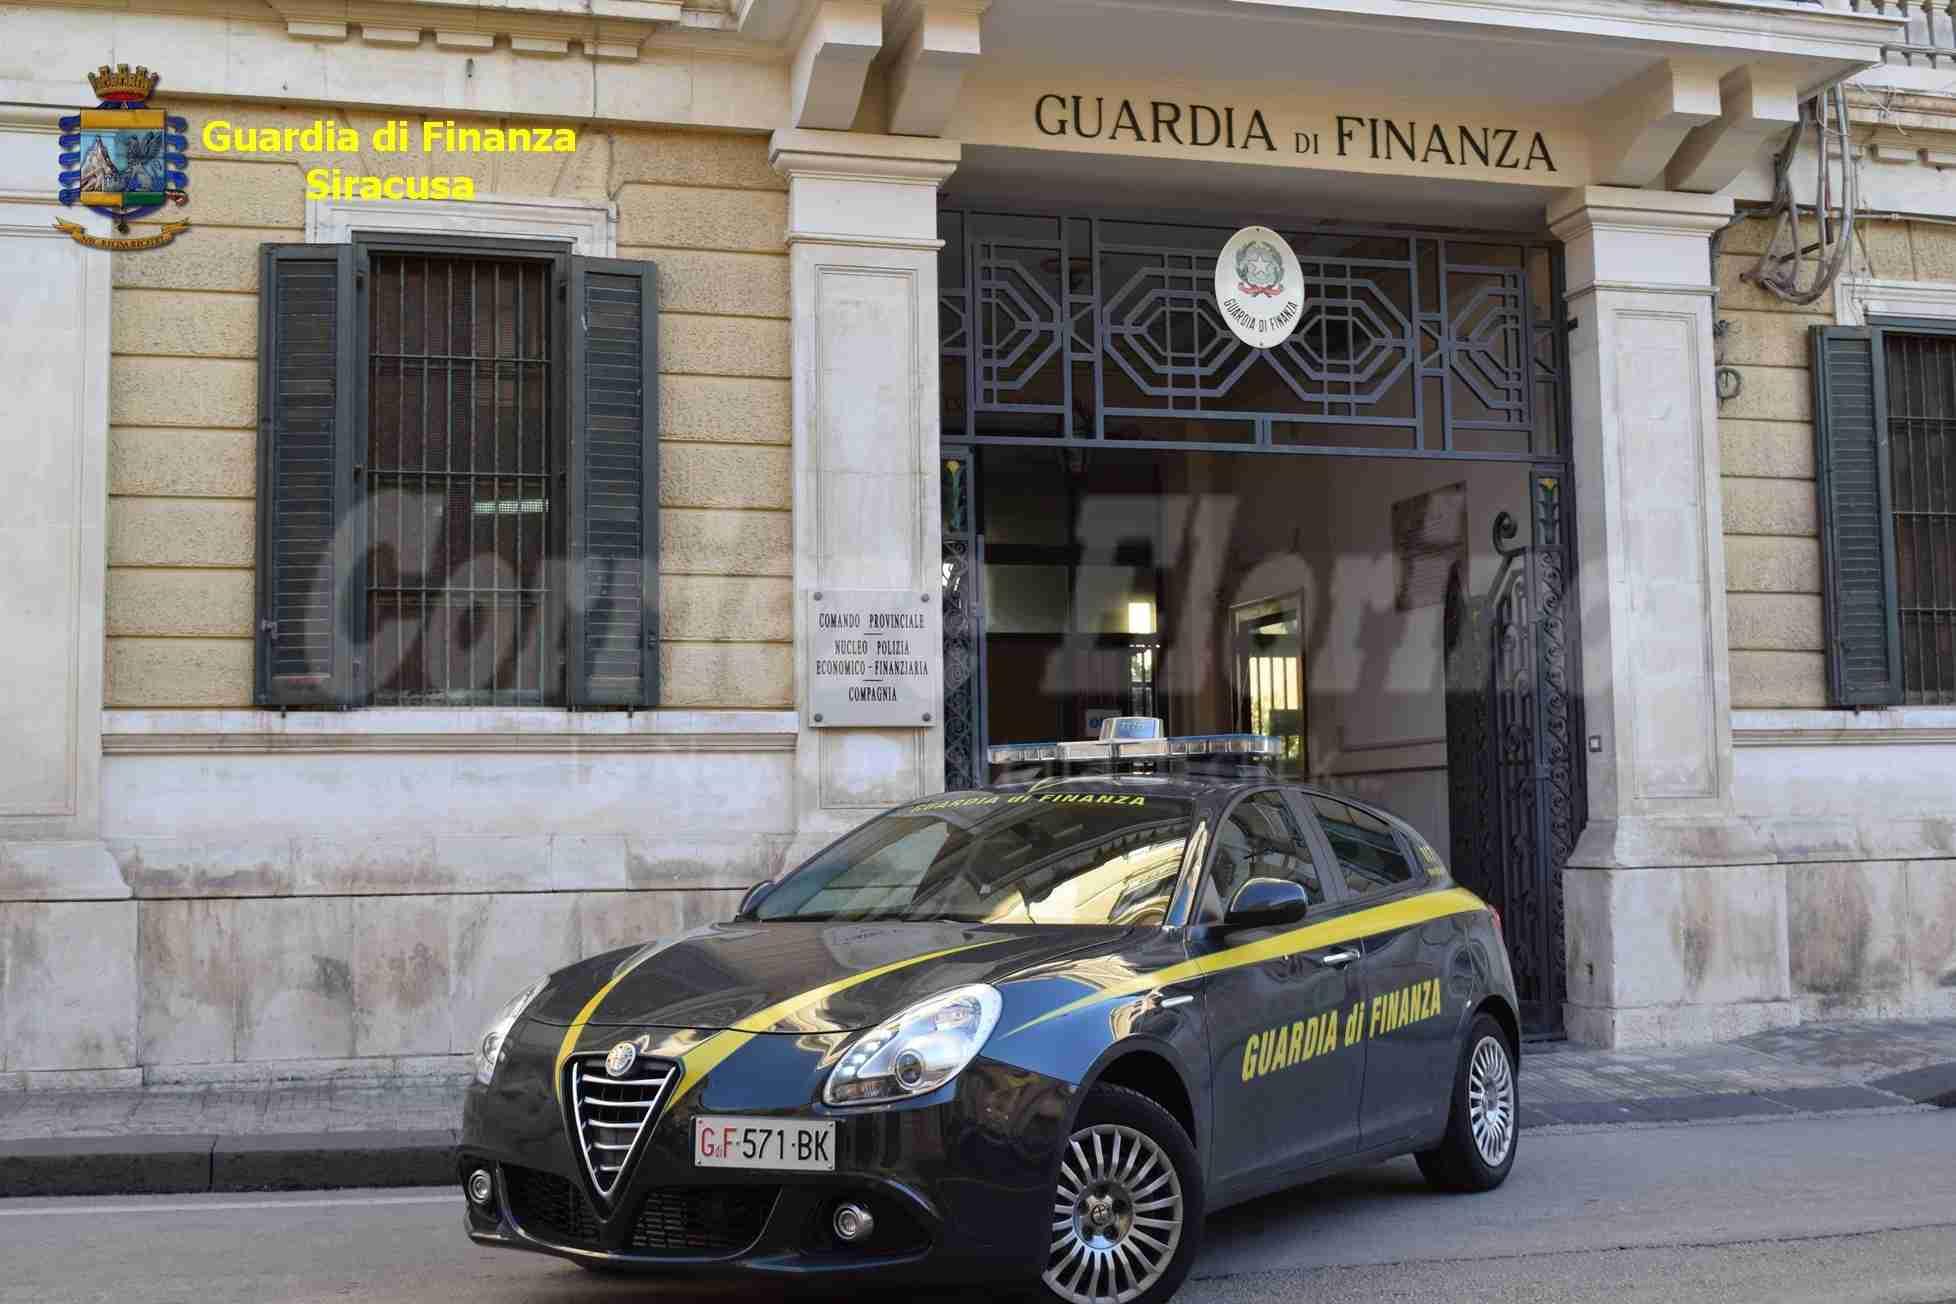 Guardia di Finanza, sequestrati 5 centri scommesse senza requisiti tra Avola e Siracusa